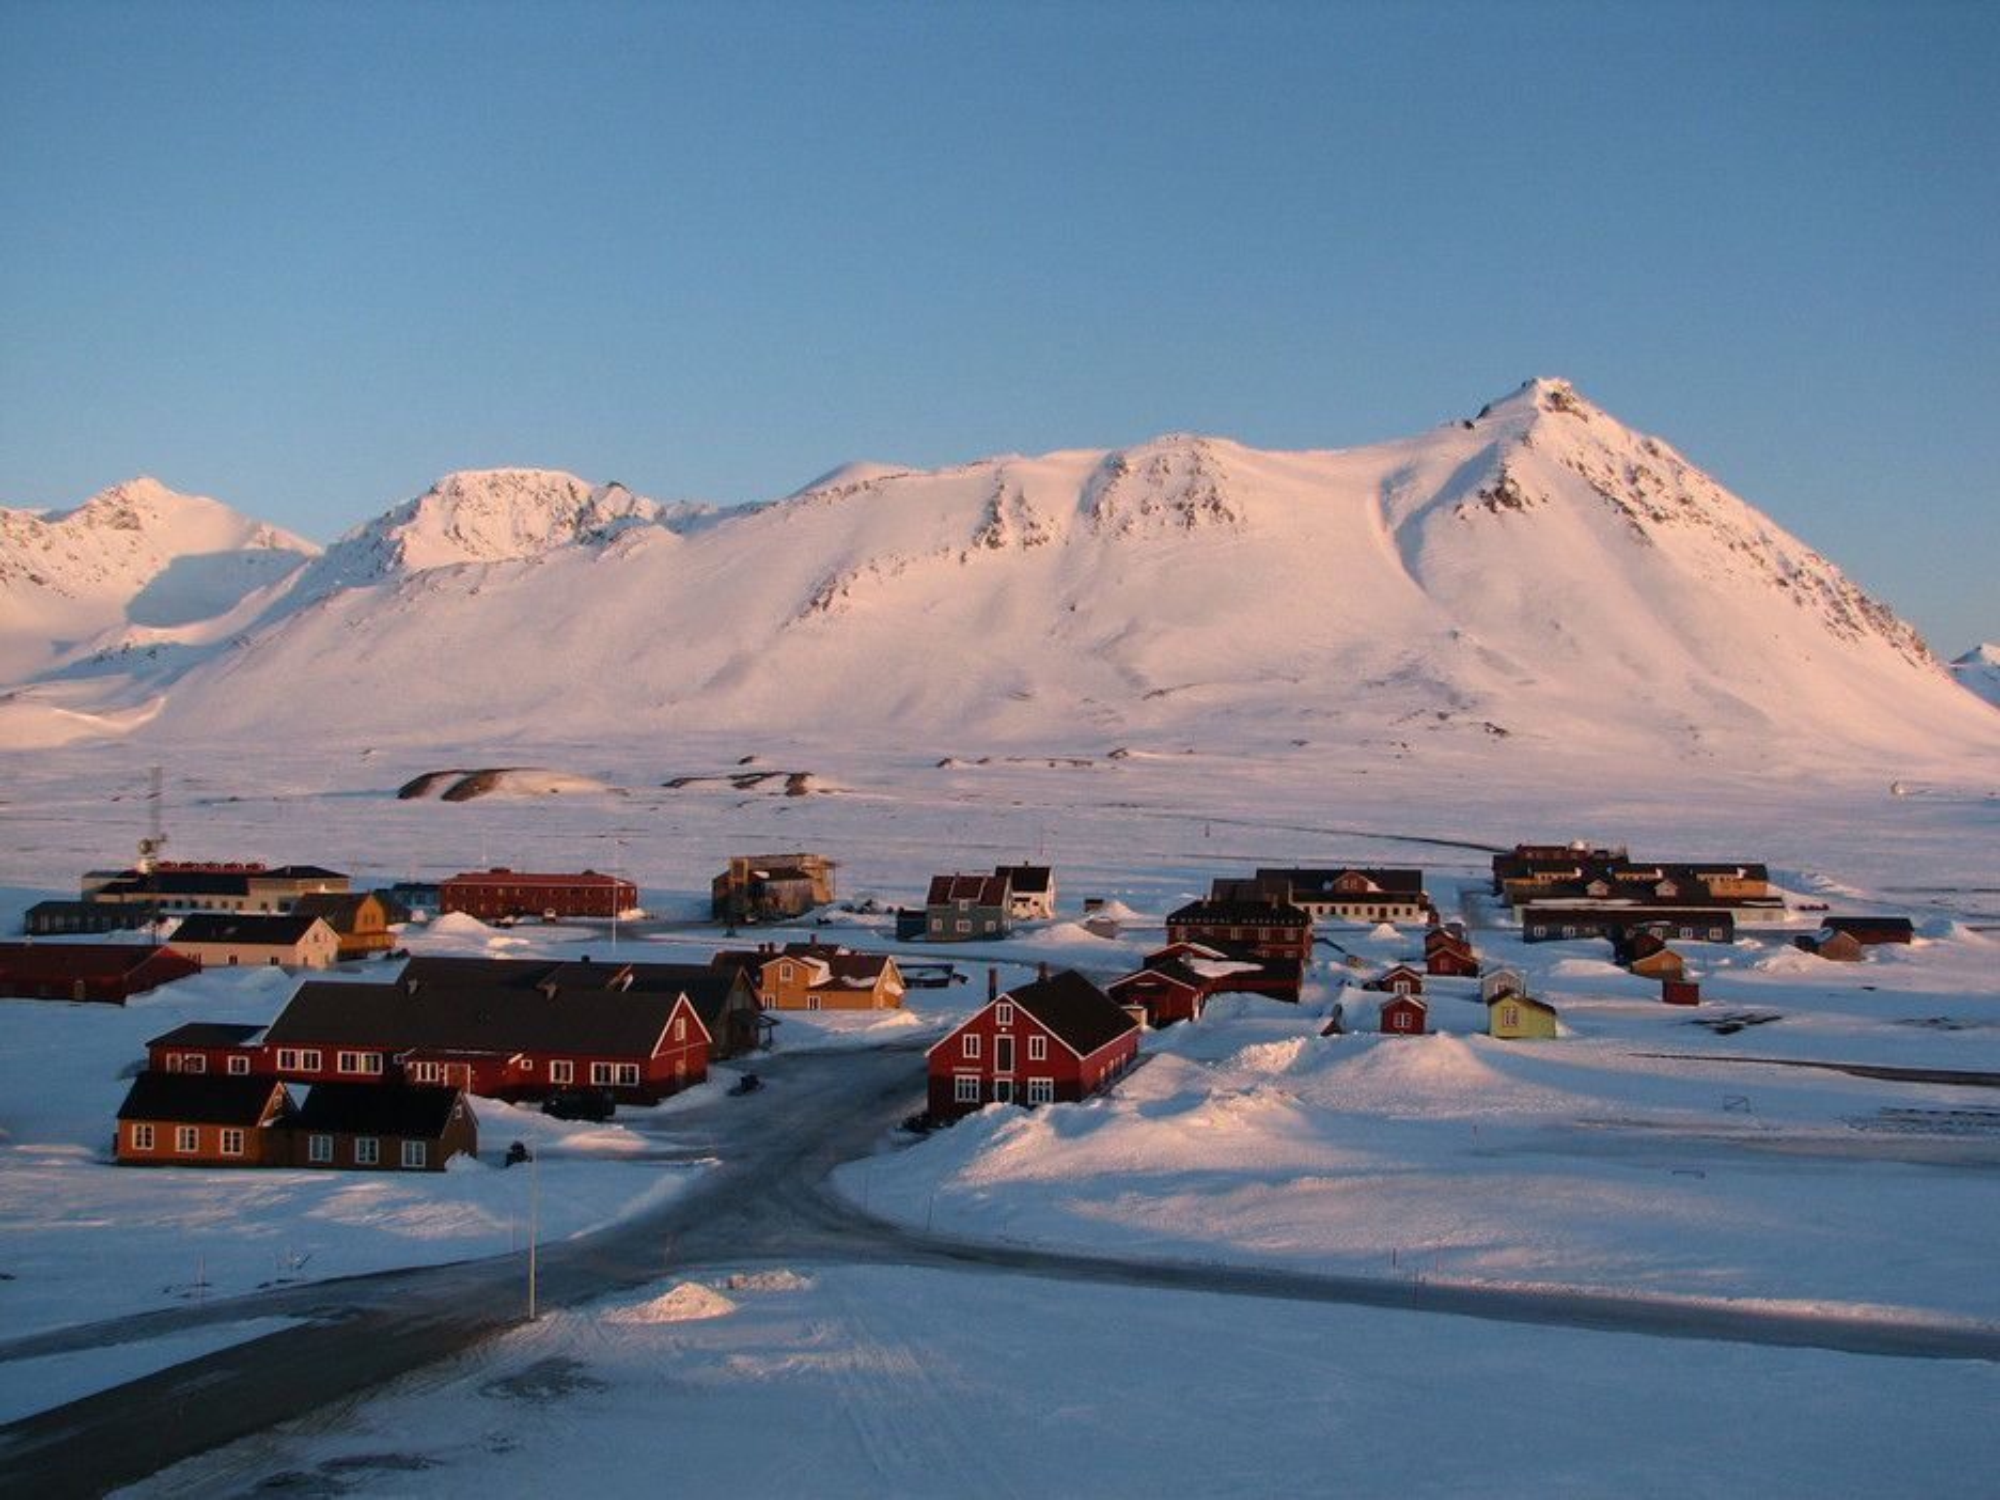 Miljøverndepartementet ønsker å gjøre justeringer i den ni år gamle Svalbardmiljøloven. Det mest drastiske grepet er å innføre et tungoljeforbud for all skipstrafikk fra 2015.